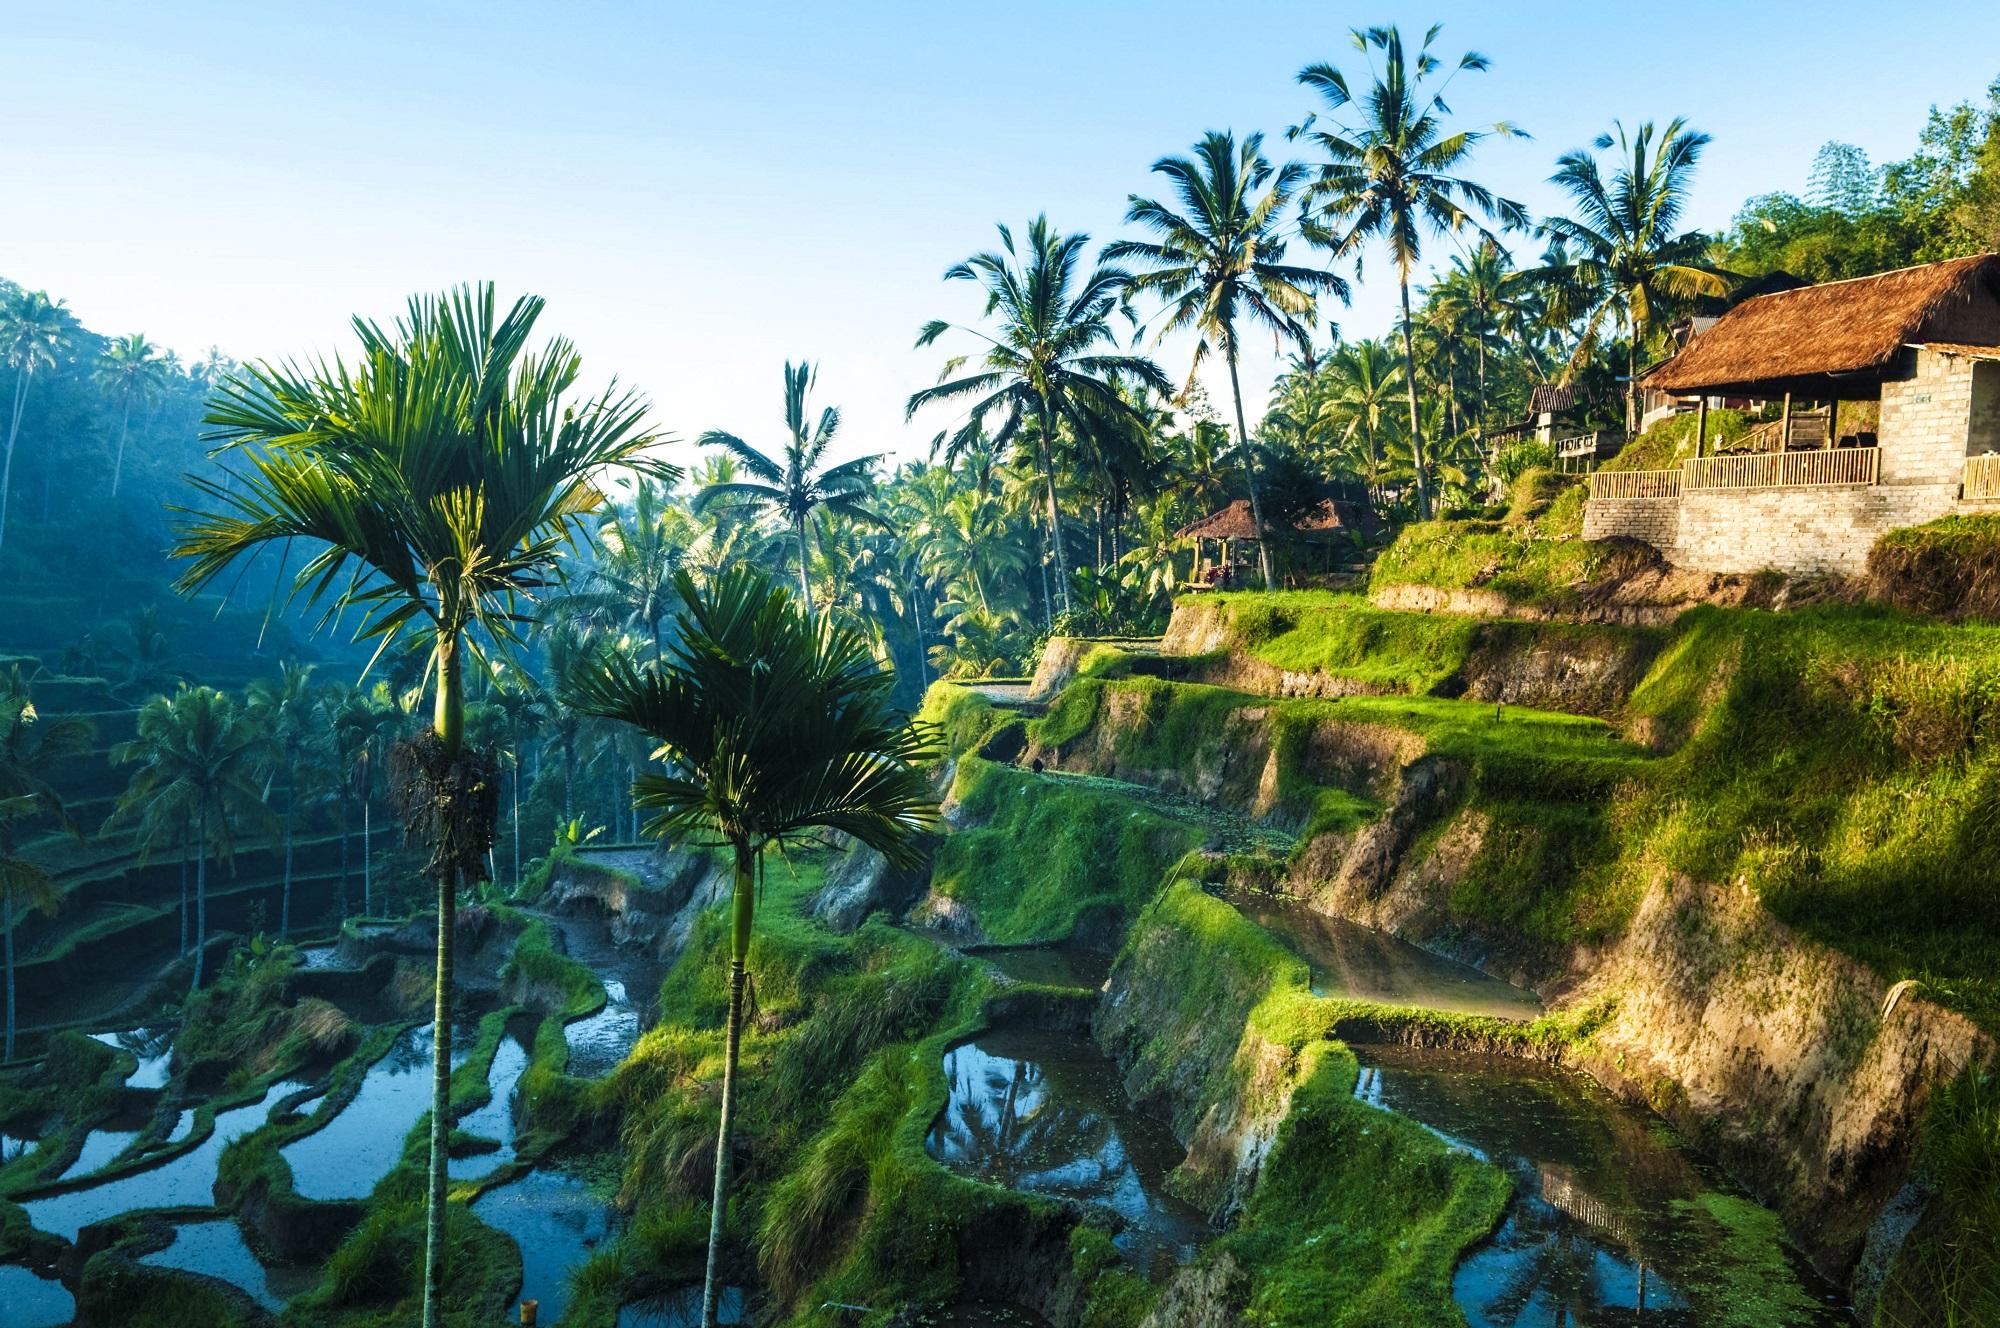 Bali tipps alle artikel auf einen blick Top 10 places to go on vacation